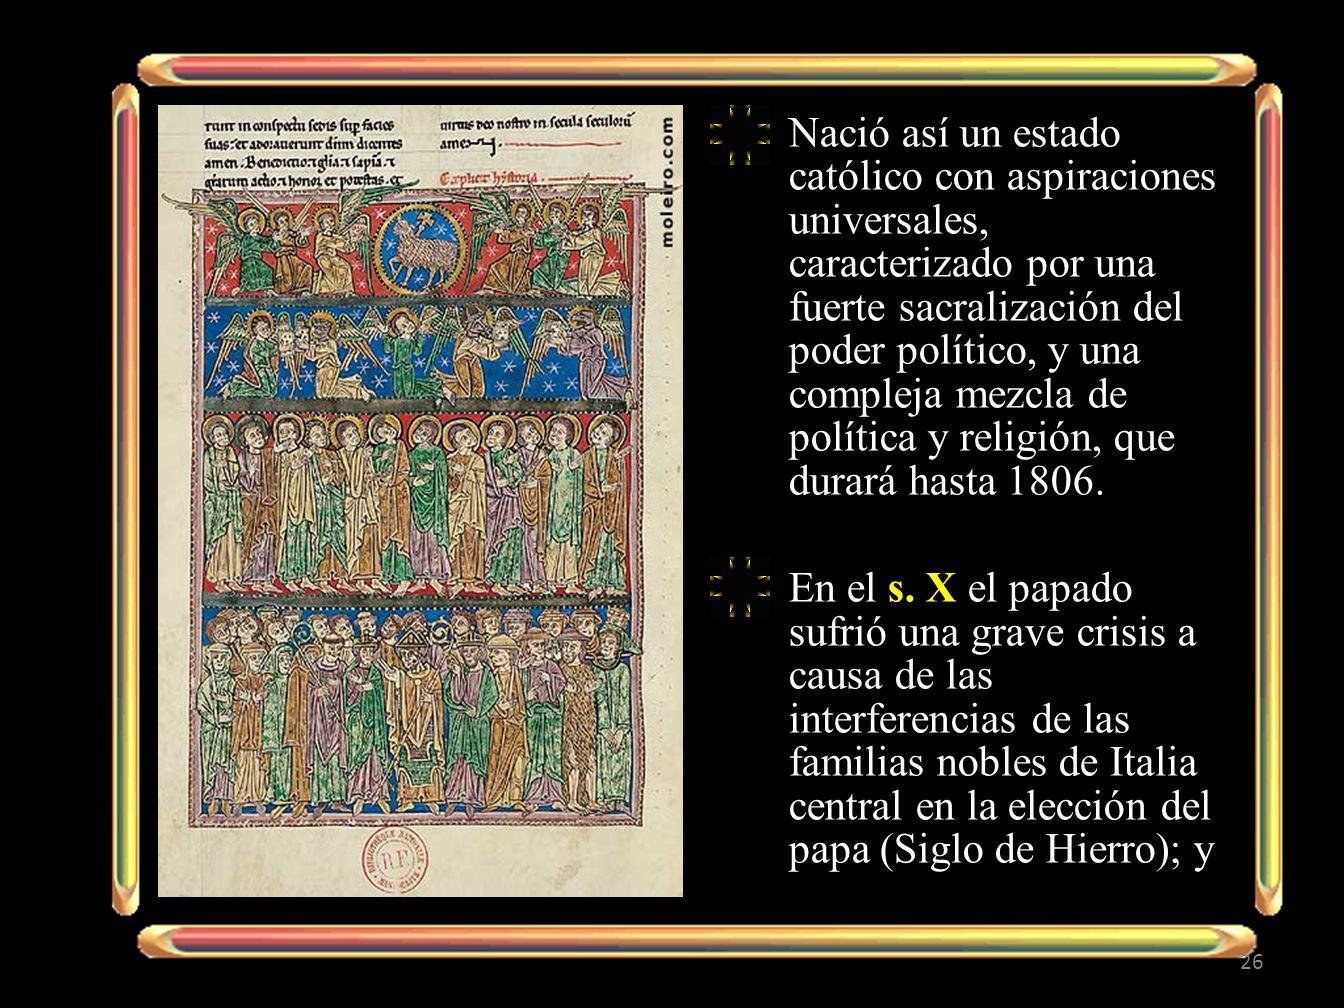 Nació así un estado católico con aspiraciones universales, caracterizado por una fuerte sacralización del poder político, y una compleja mezcla de política y religión, que durará hasta 1806.